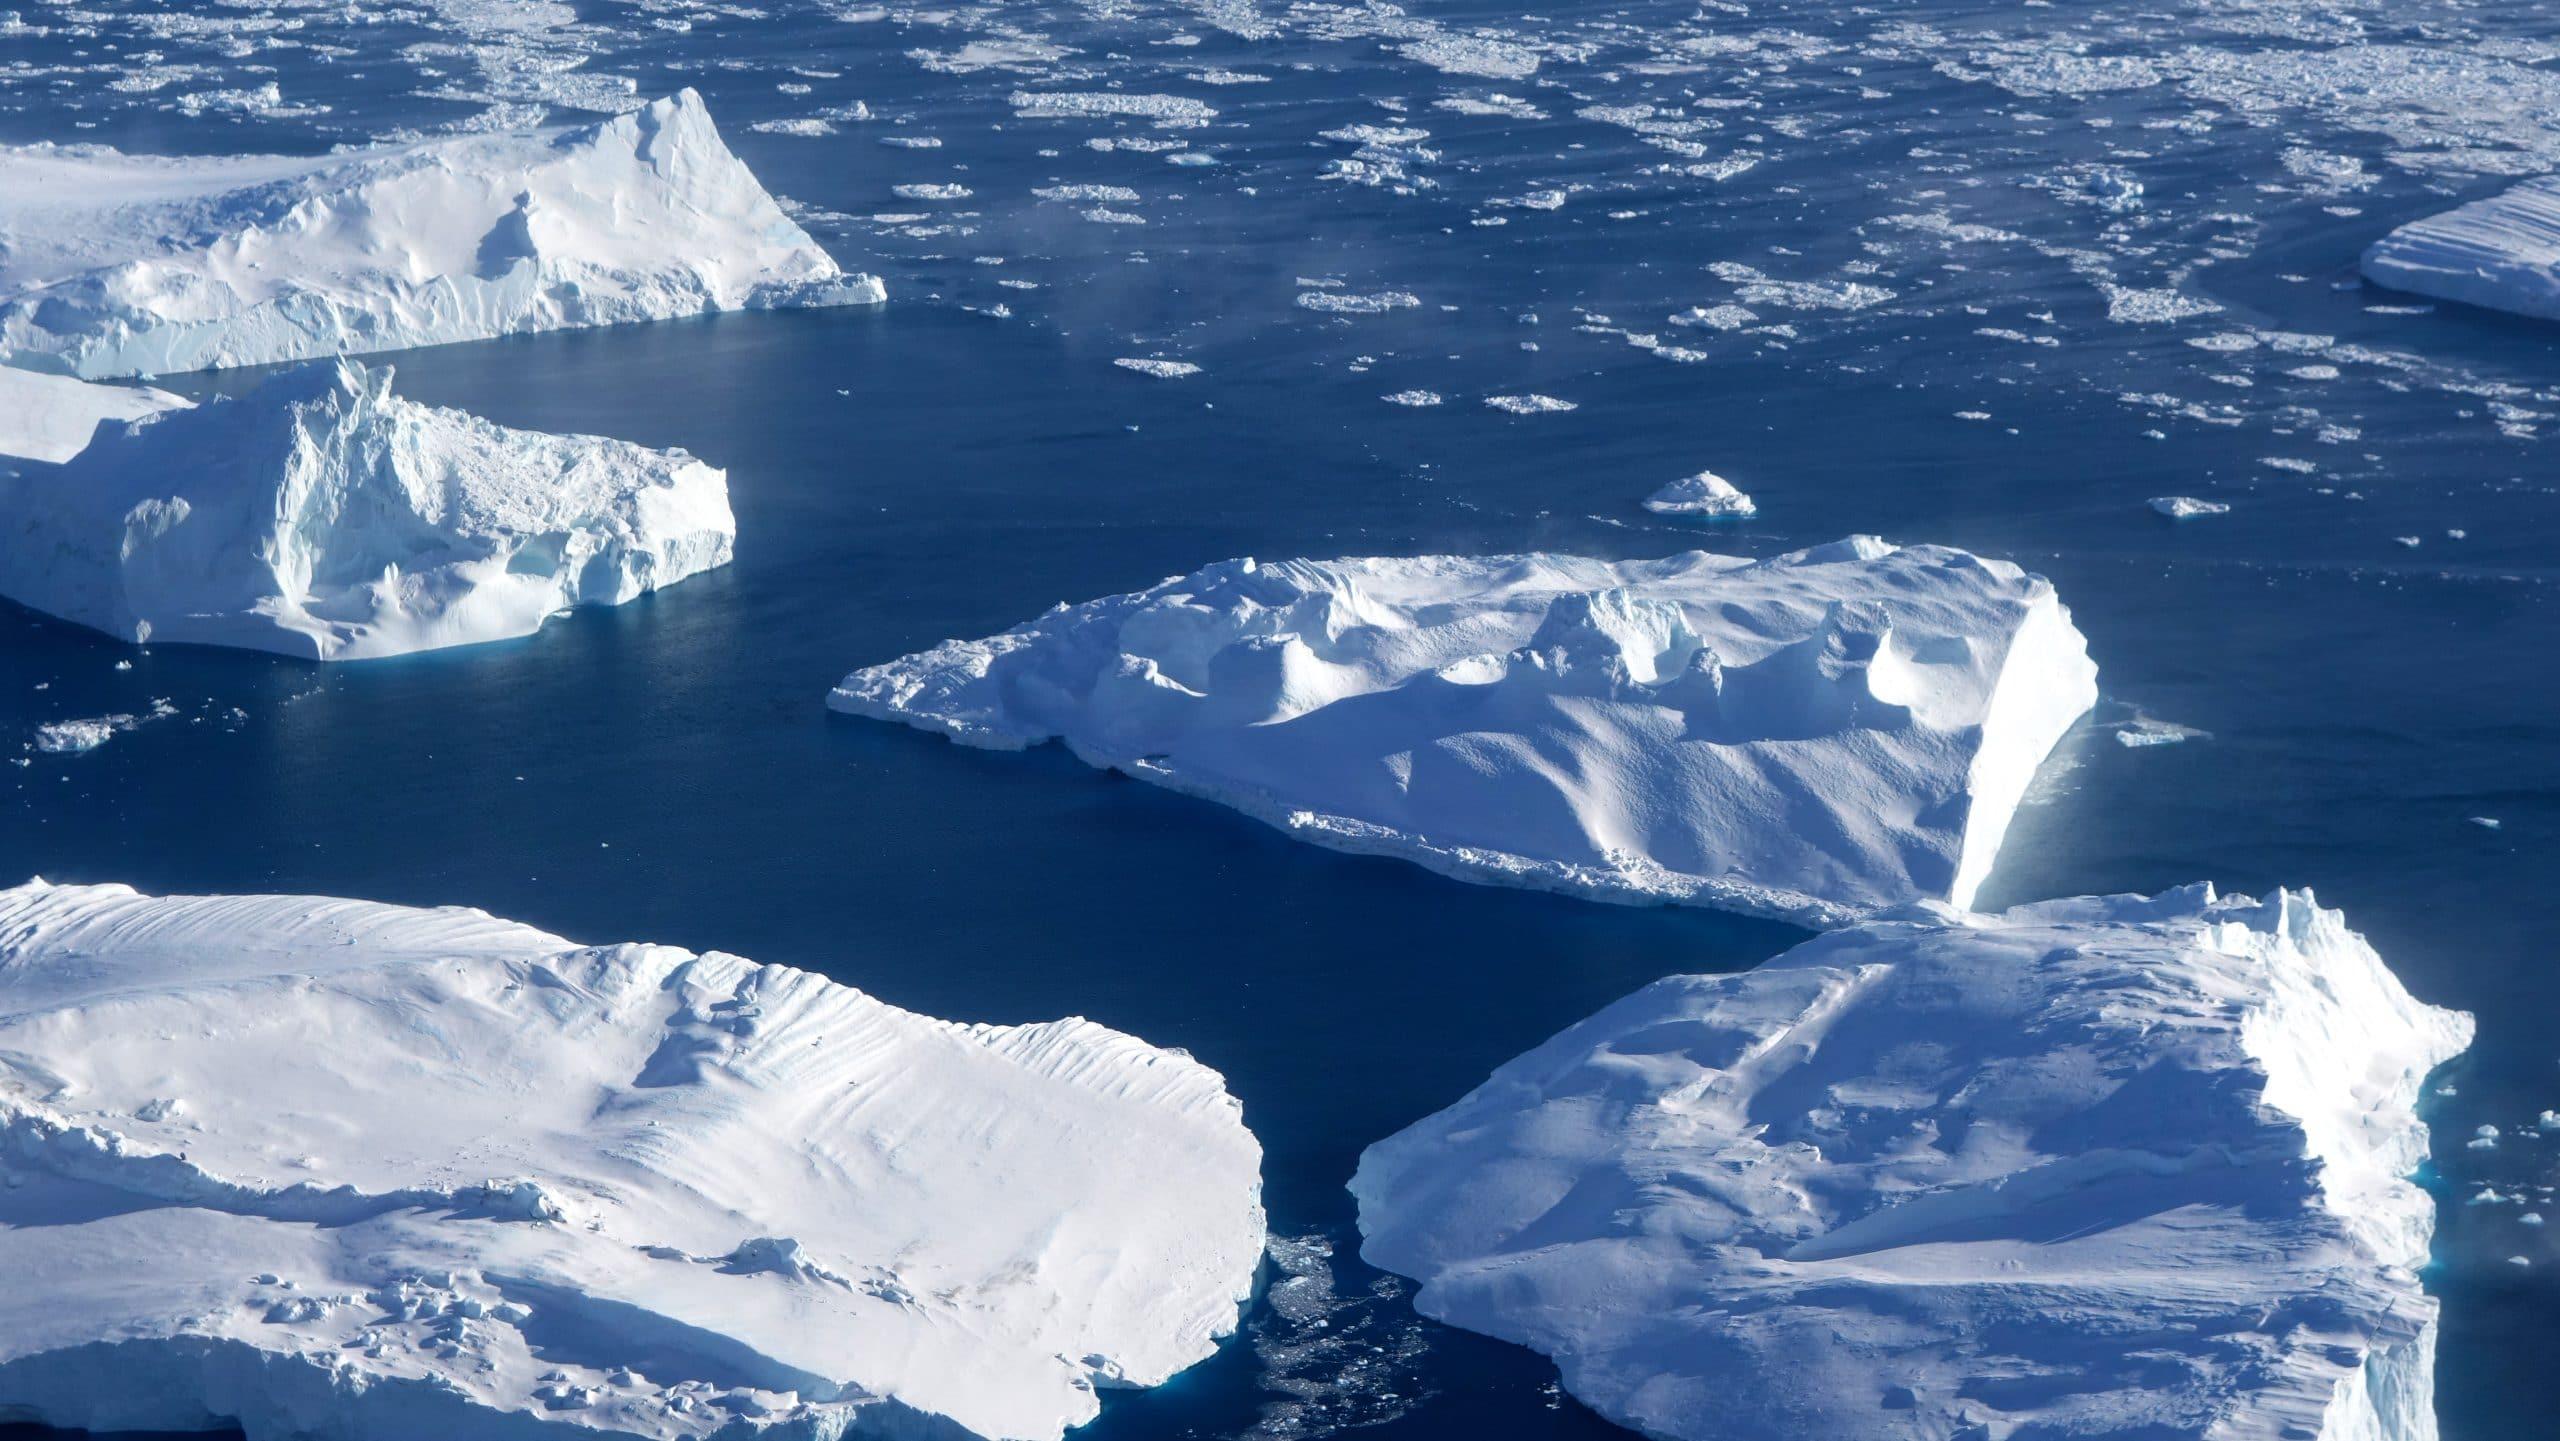 Vue avion Ilulissat icebergs